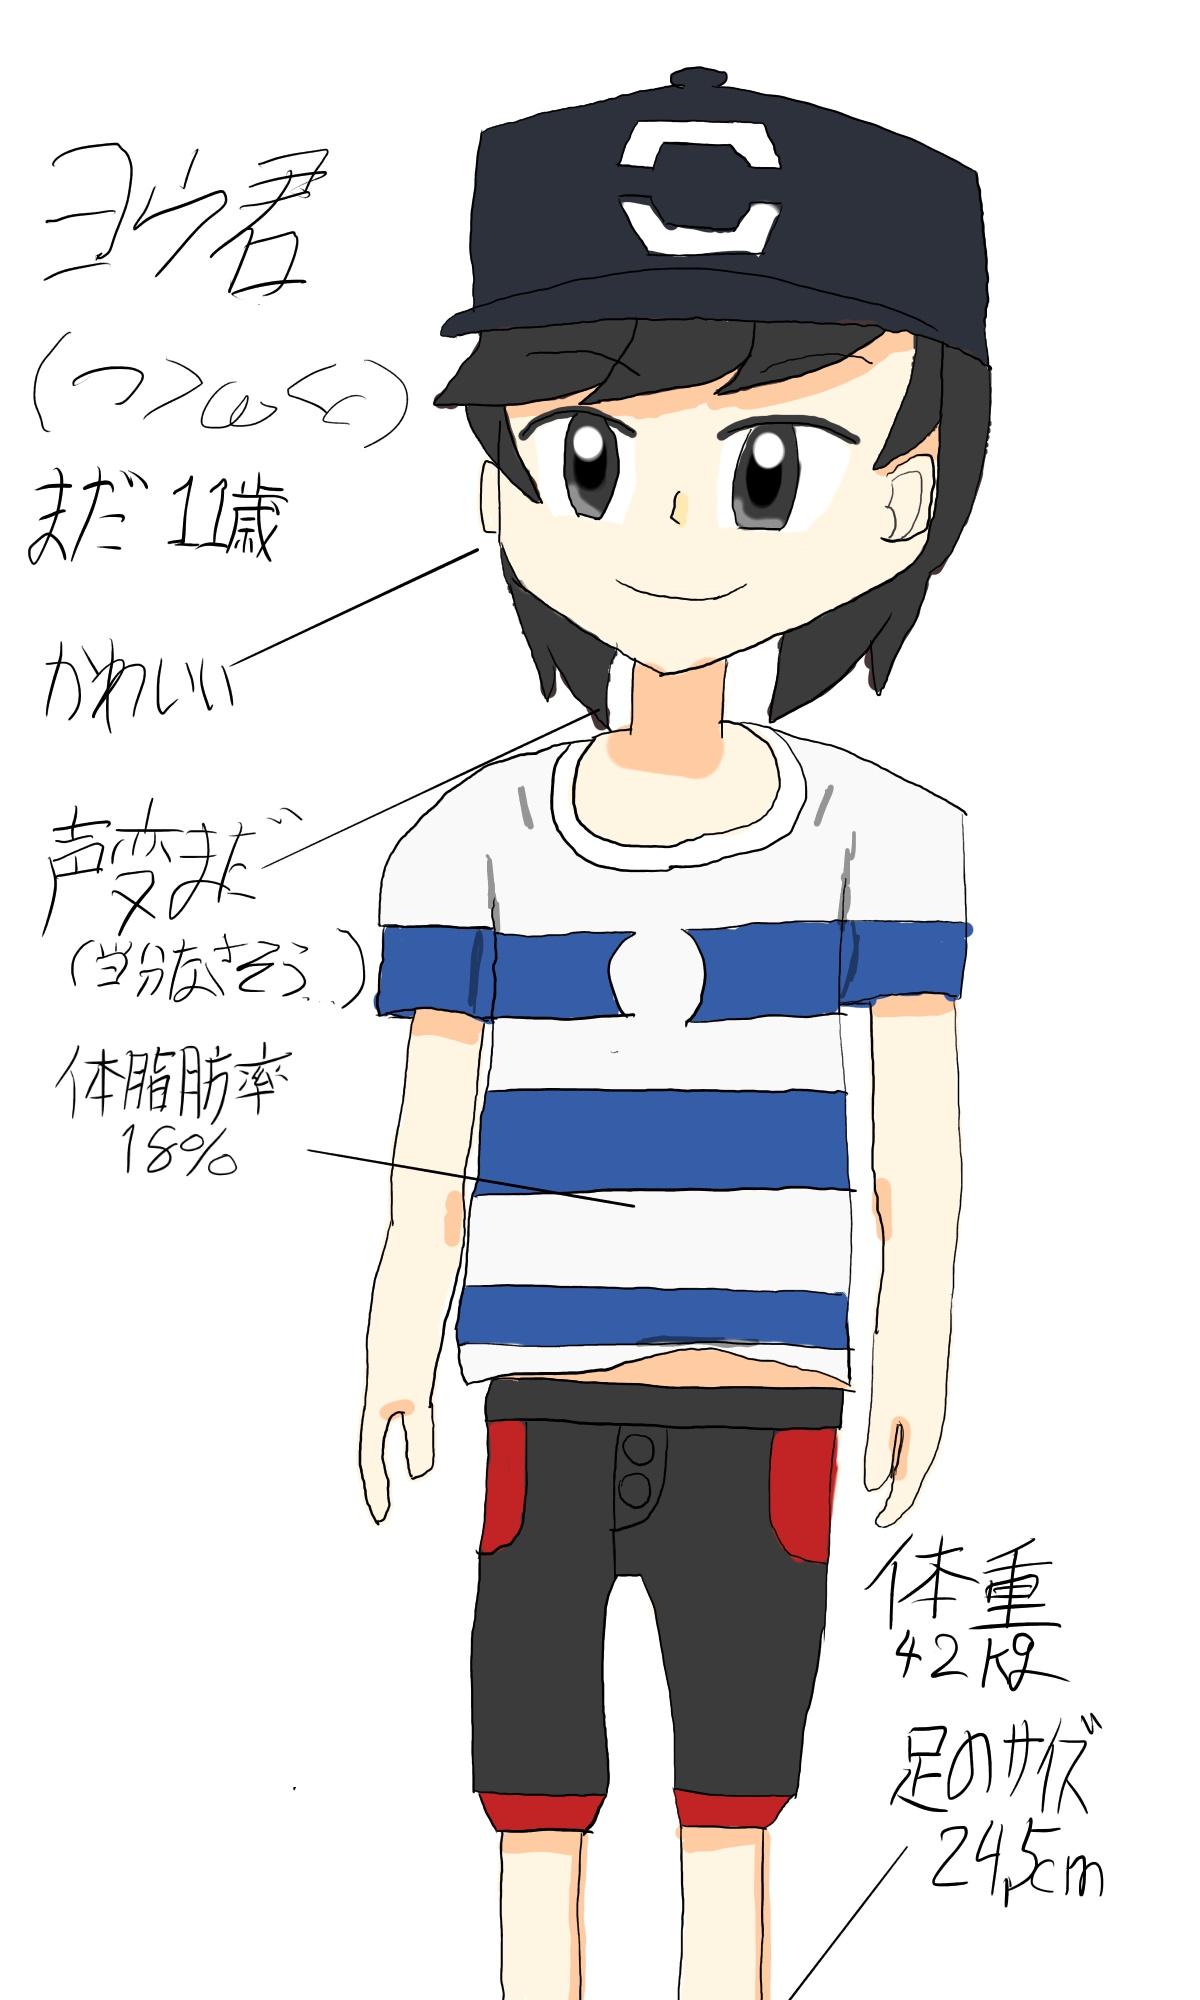 ブログ, ポケモン】ポケモン新作について - 東海道くんのあれこれ